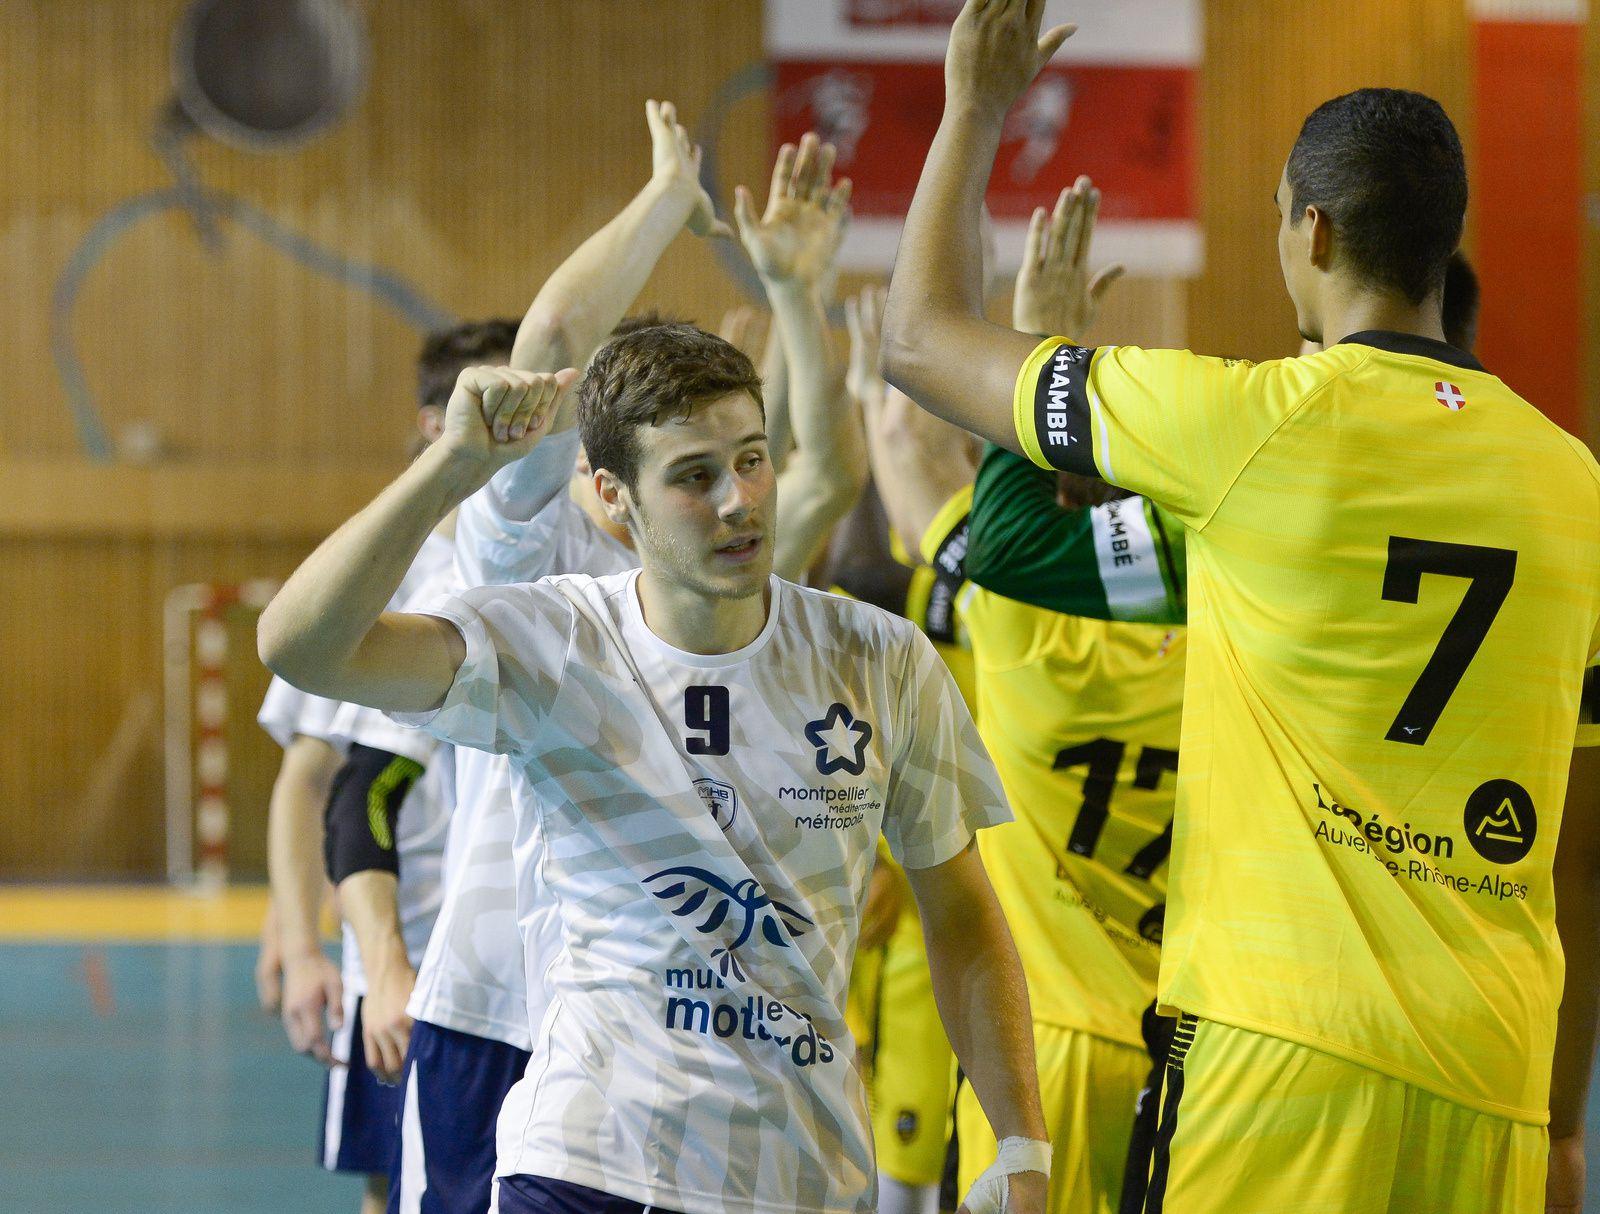 N1M La victoire pour CHAMBERY2 contre MONTPELLIER2 samedi 5 octobre, les photos du match